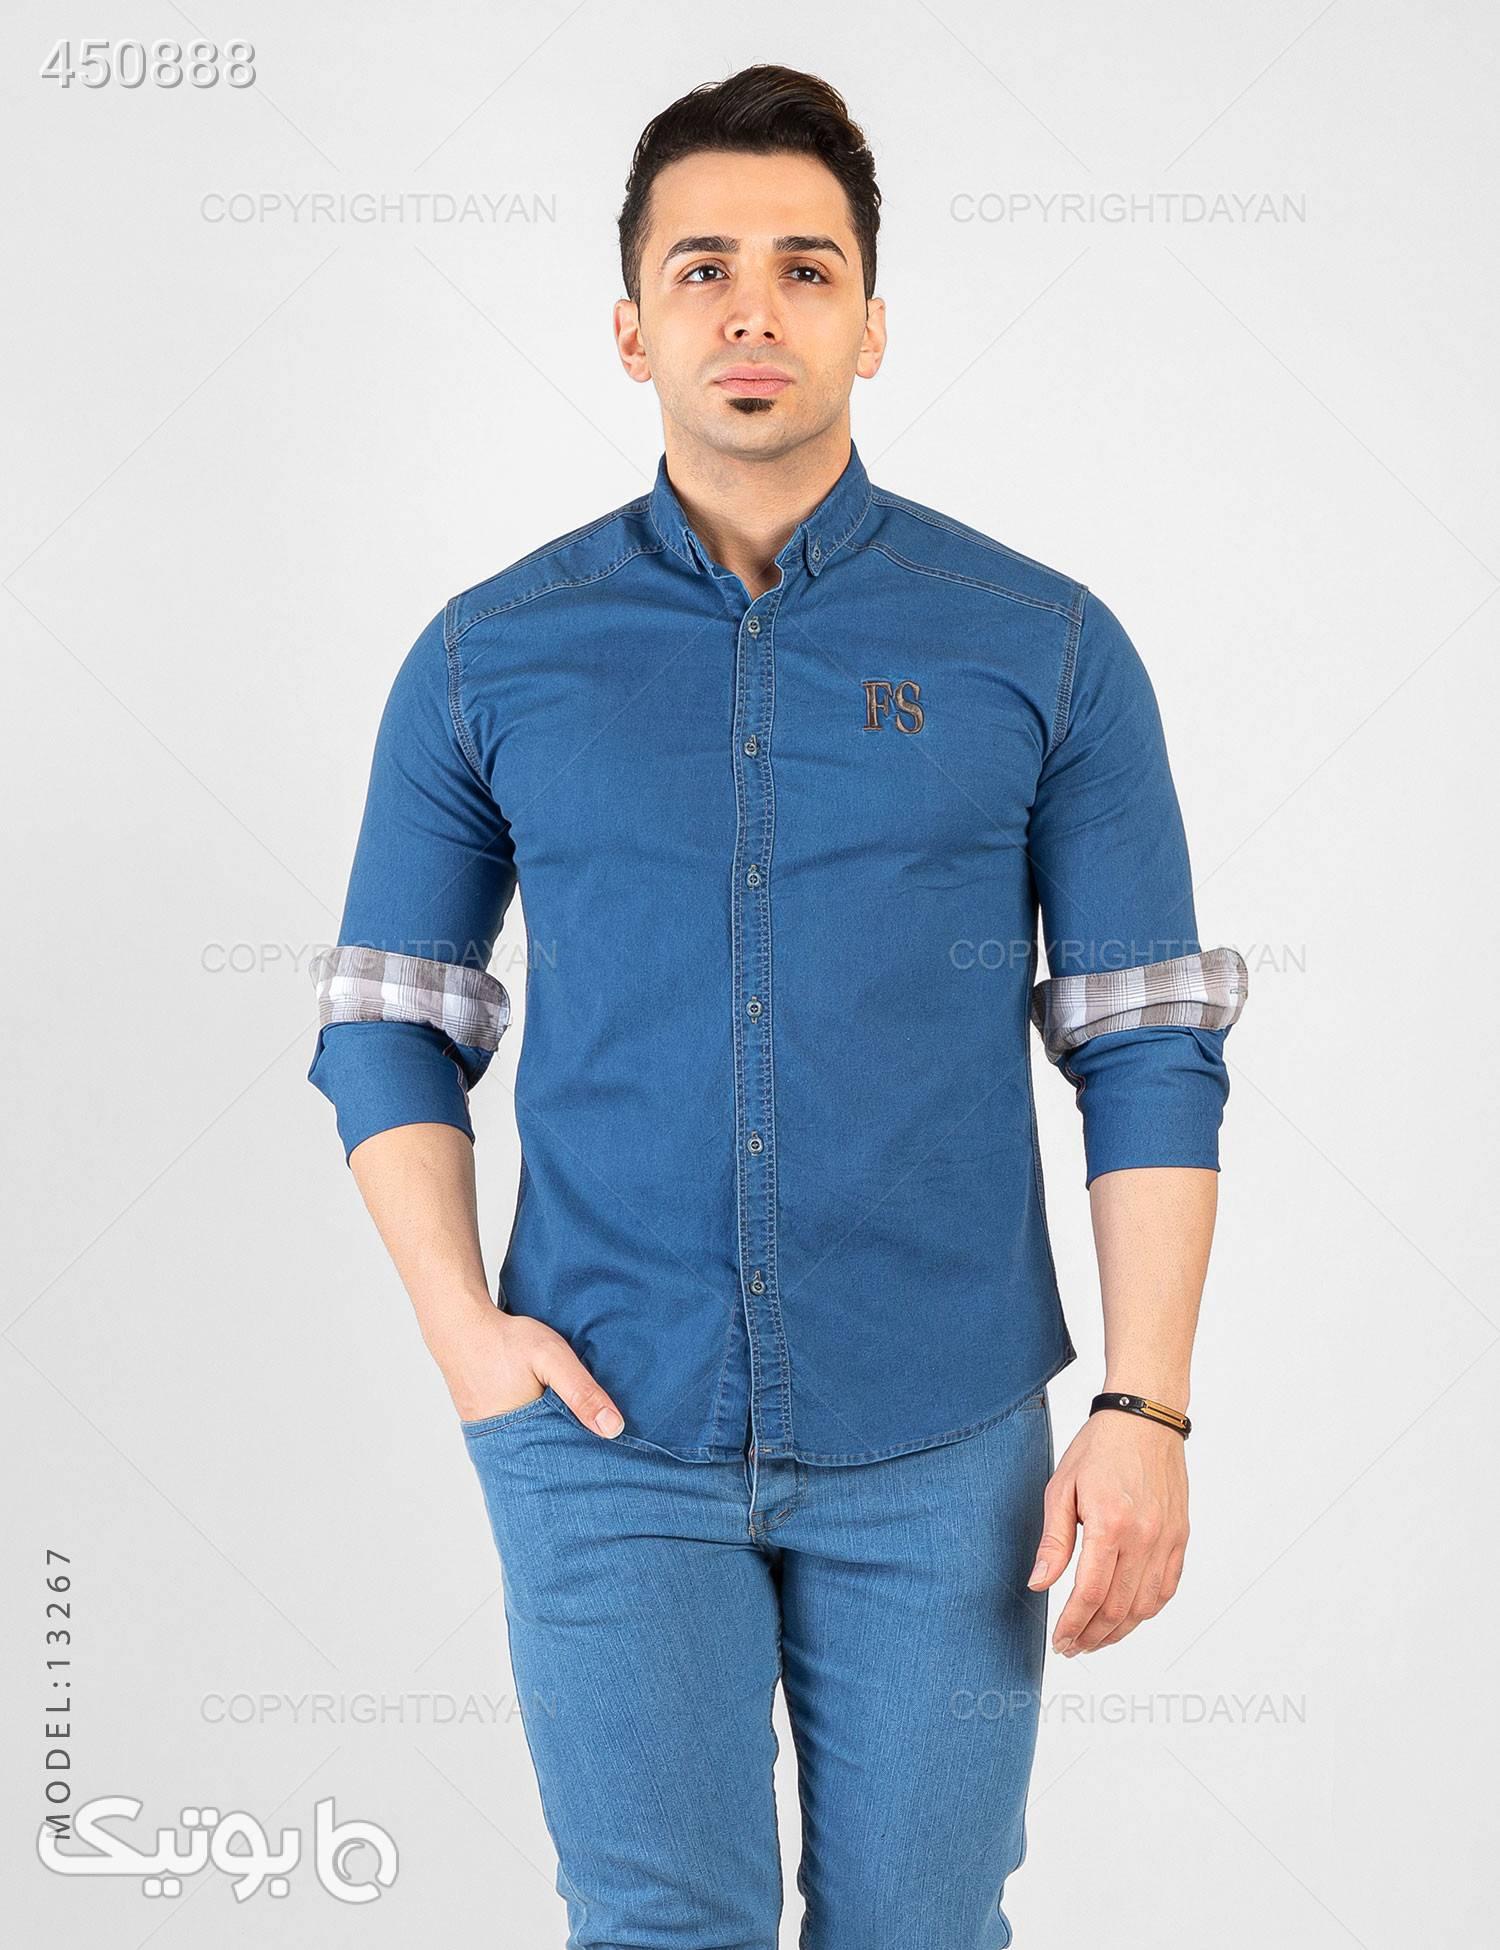 پیراهن مردانه Benson مدل 13267 آبی پيراهن مردانه